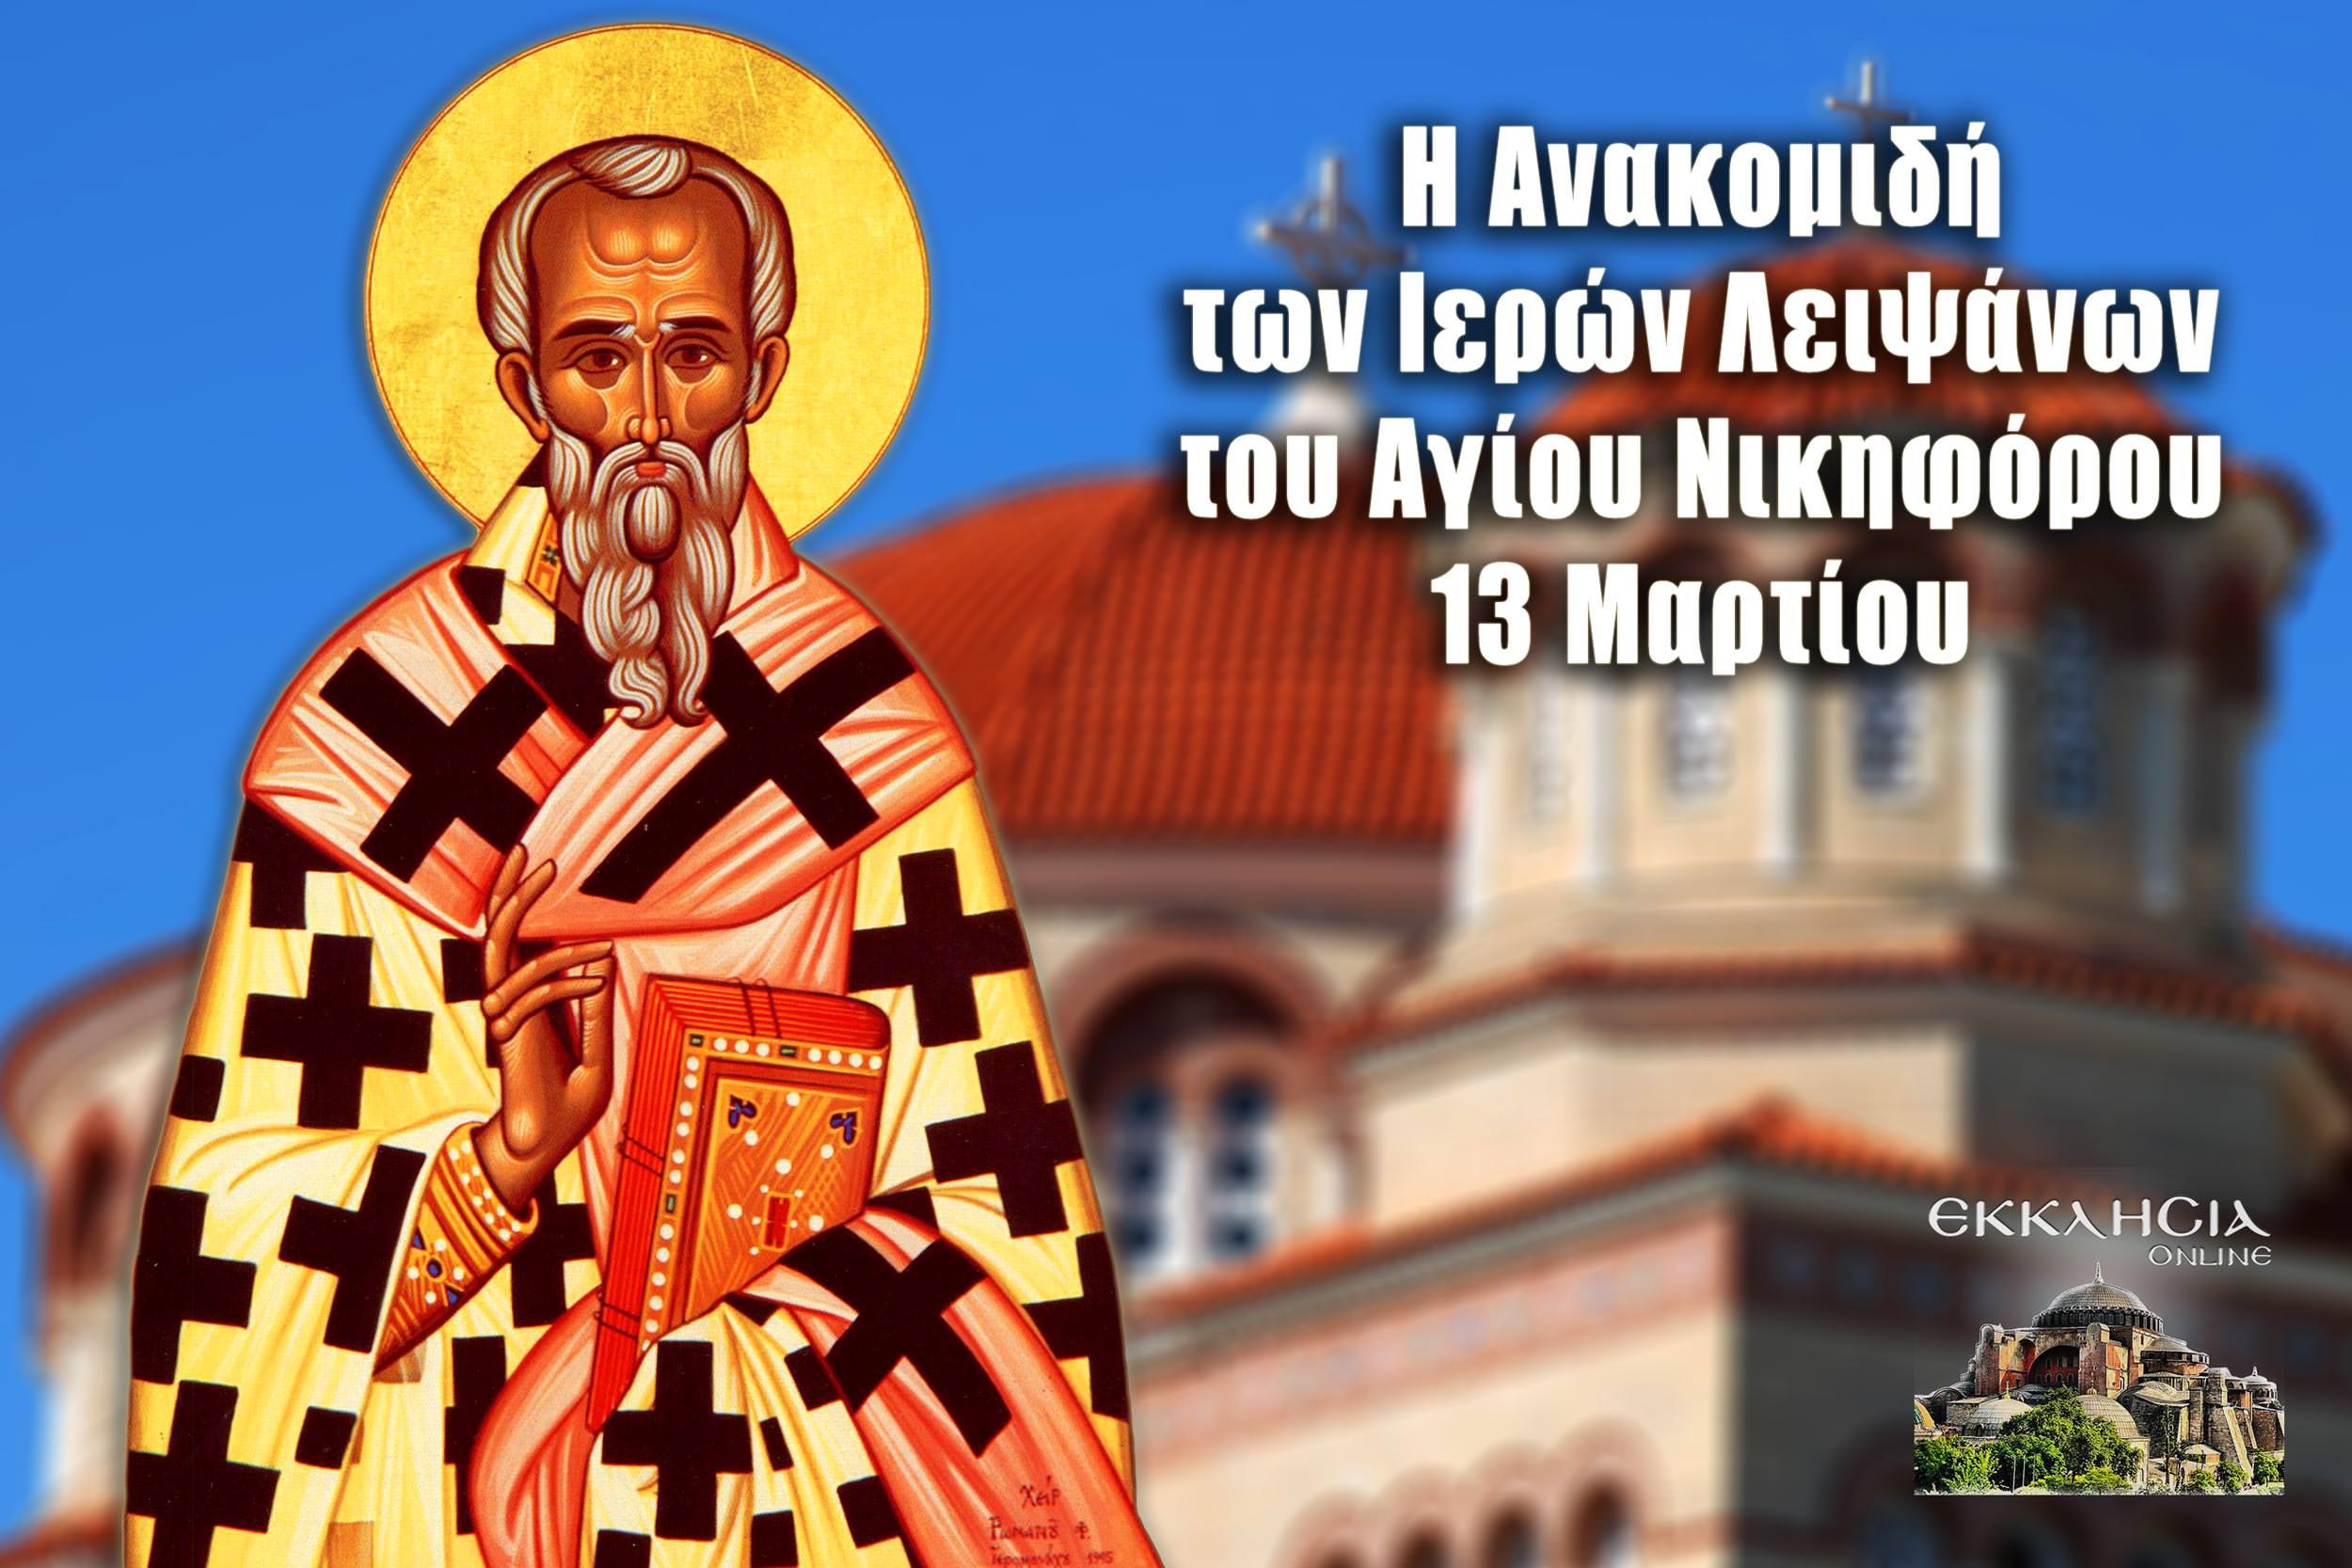 Ανακομιδή Ιερών Λειψάνων του Αγίου Νικηφόρου 13 Μαρτίου